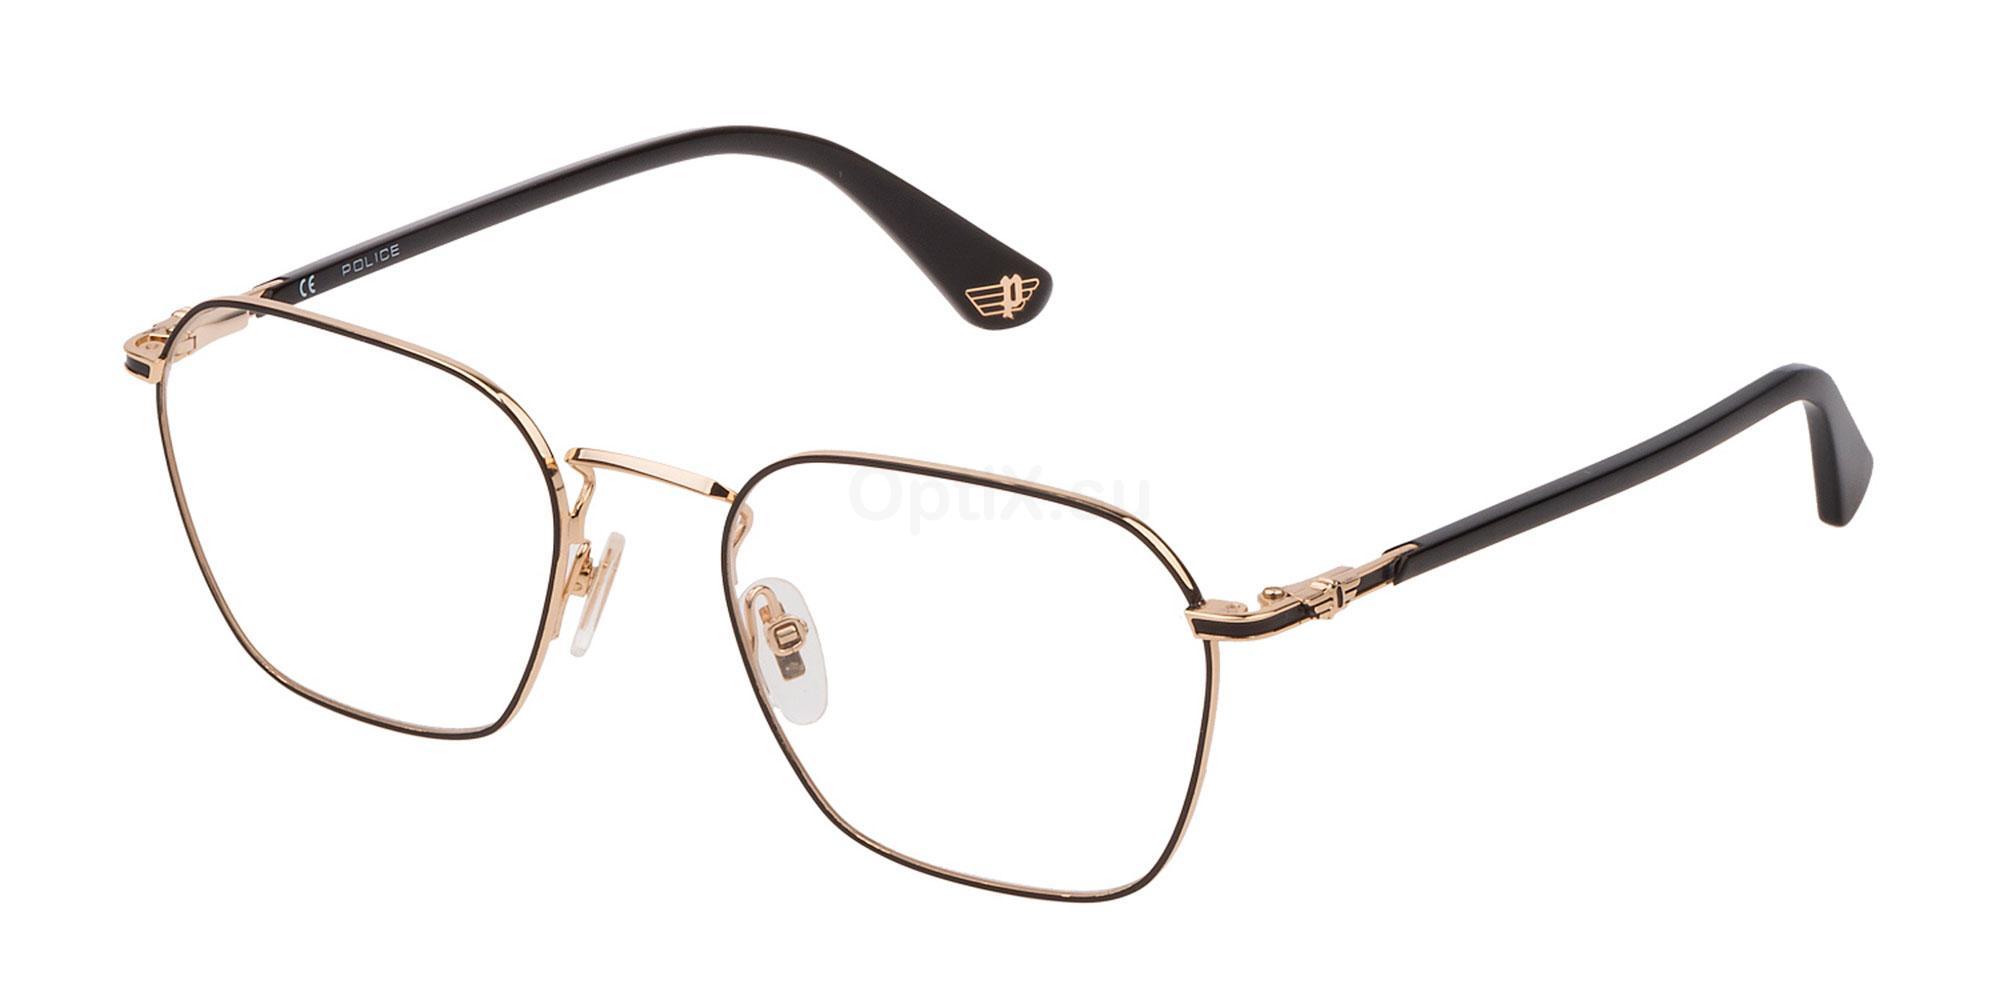 0301 VPL882 Glasses, Police